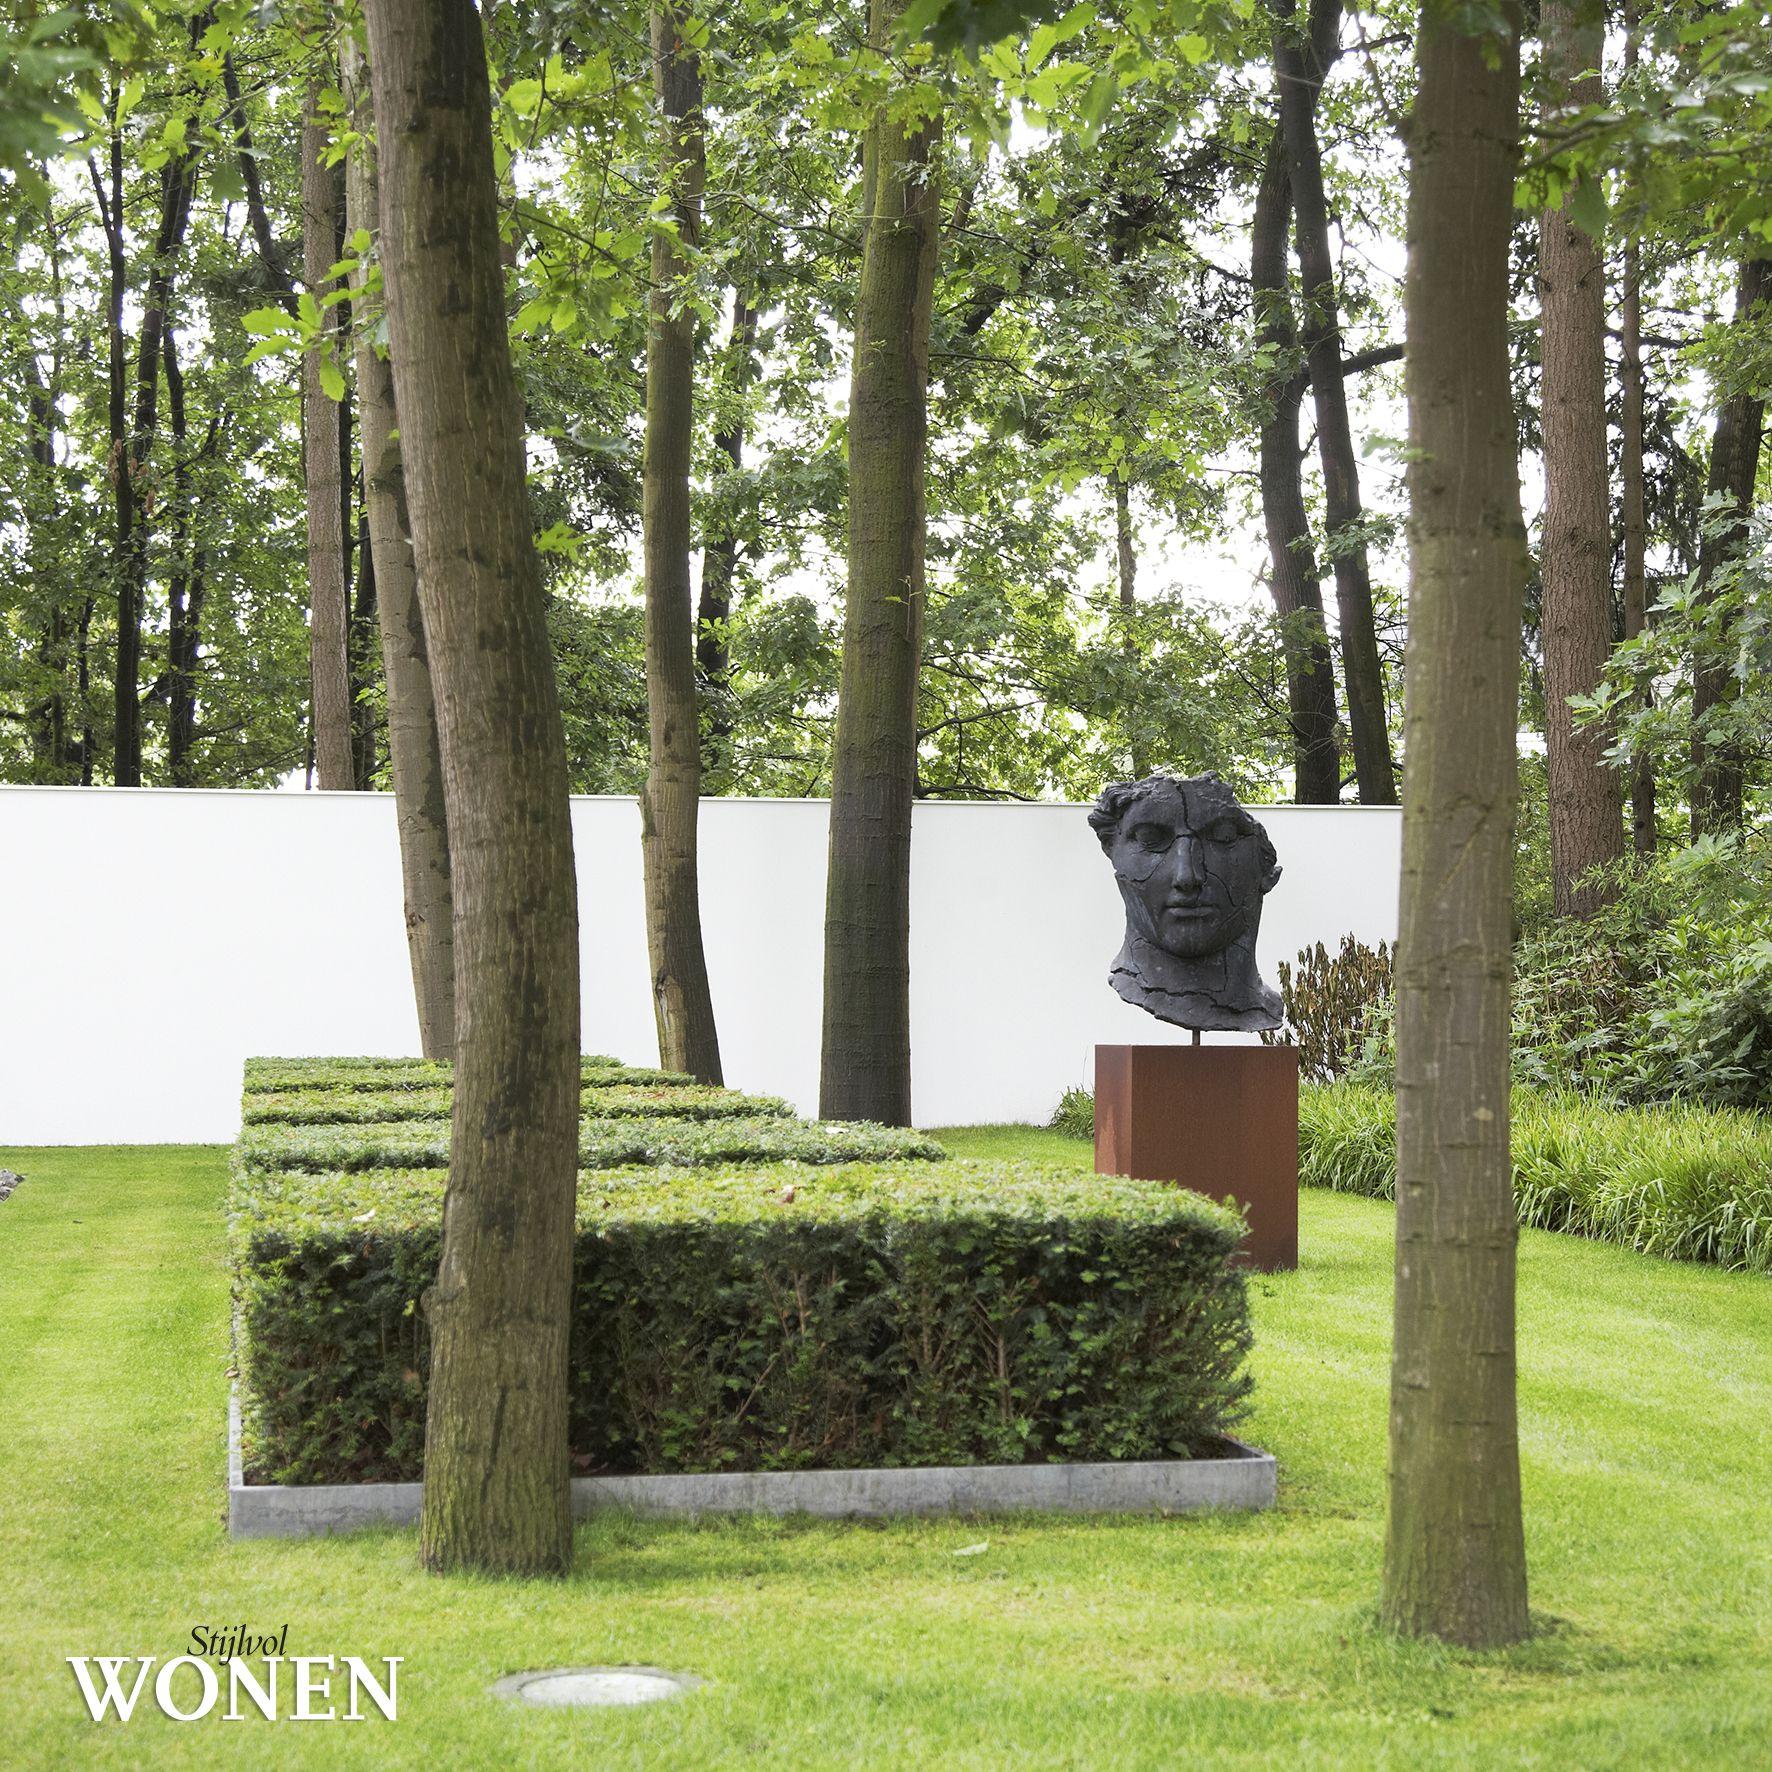 Stijlvol Wonen: het magazine voor warm-hedendaags wonen - ontwerp: Puur Buitengewone Groenprojecten - fotografie: Sarah Van Hove, Dorien Ceulemans, Jonah Samyn #outdoor #tuin #kunst